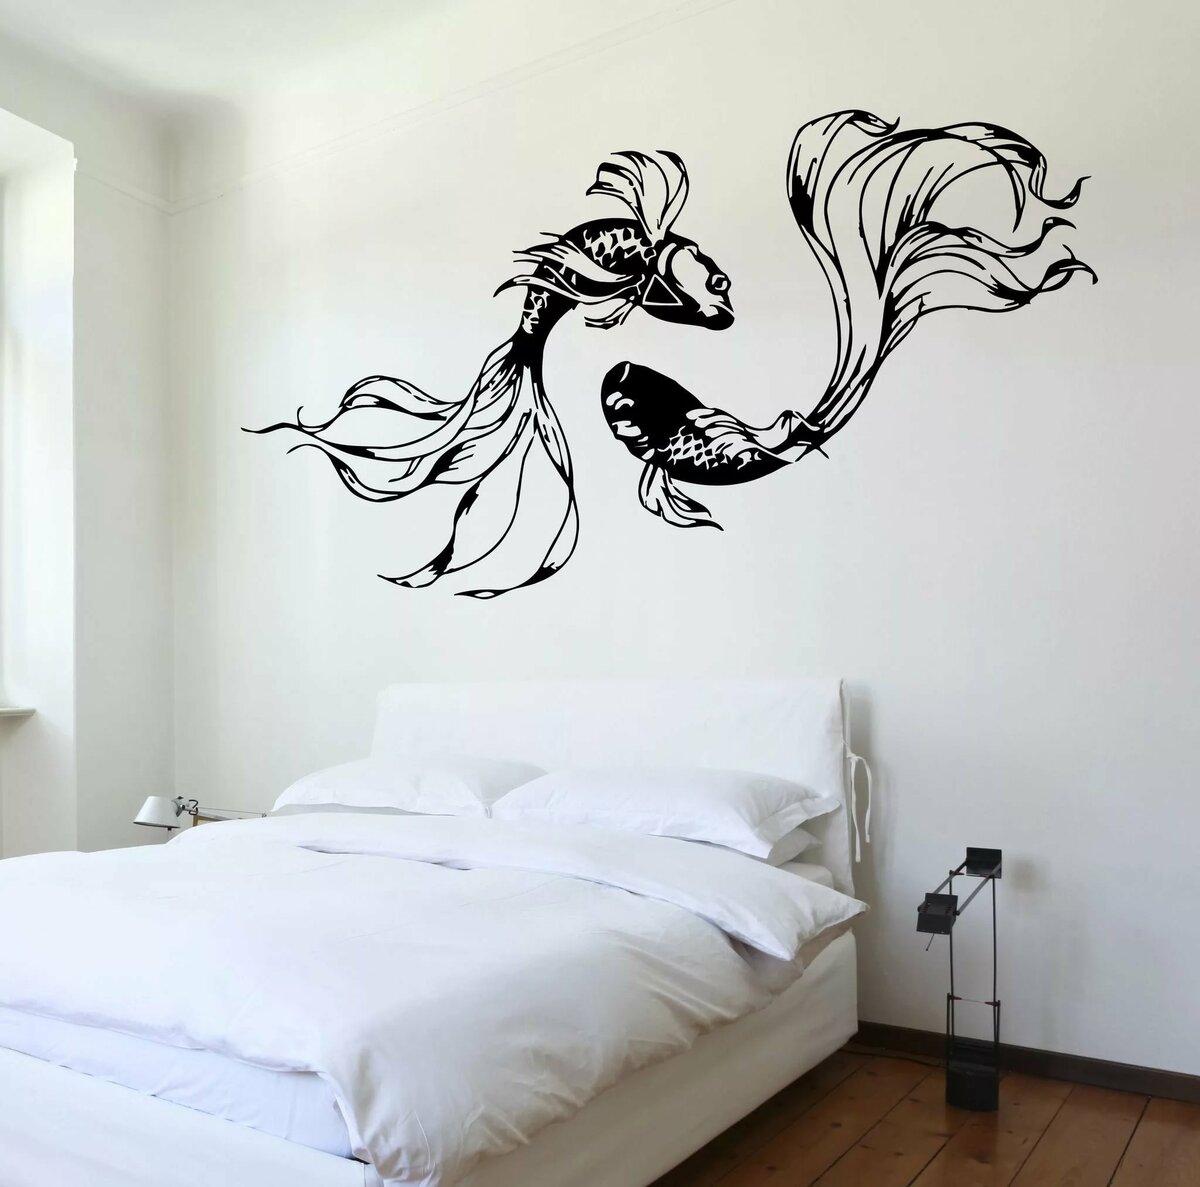 нее рисунки черно белые на стене в квартире своими руками фото заведения